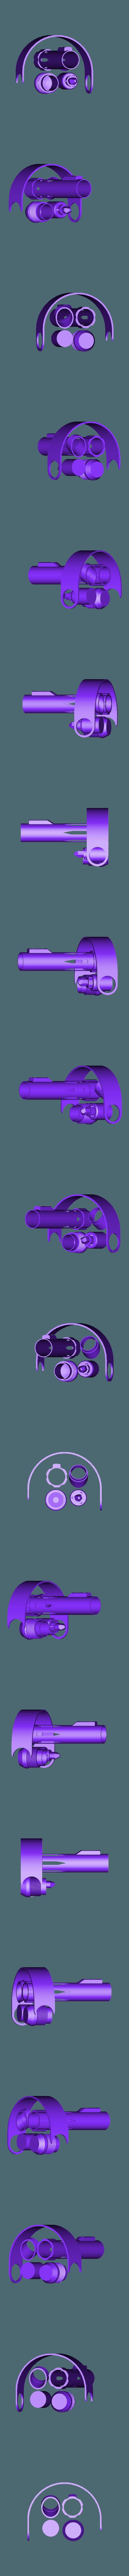 Lightsaber_MK2_v2_-_Full_Print.stl Télécharger fichier STL gratuit Sabre laser Jedi, avec garde et cristal Kyber • Design imprimable en 3D, Piggie